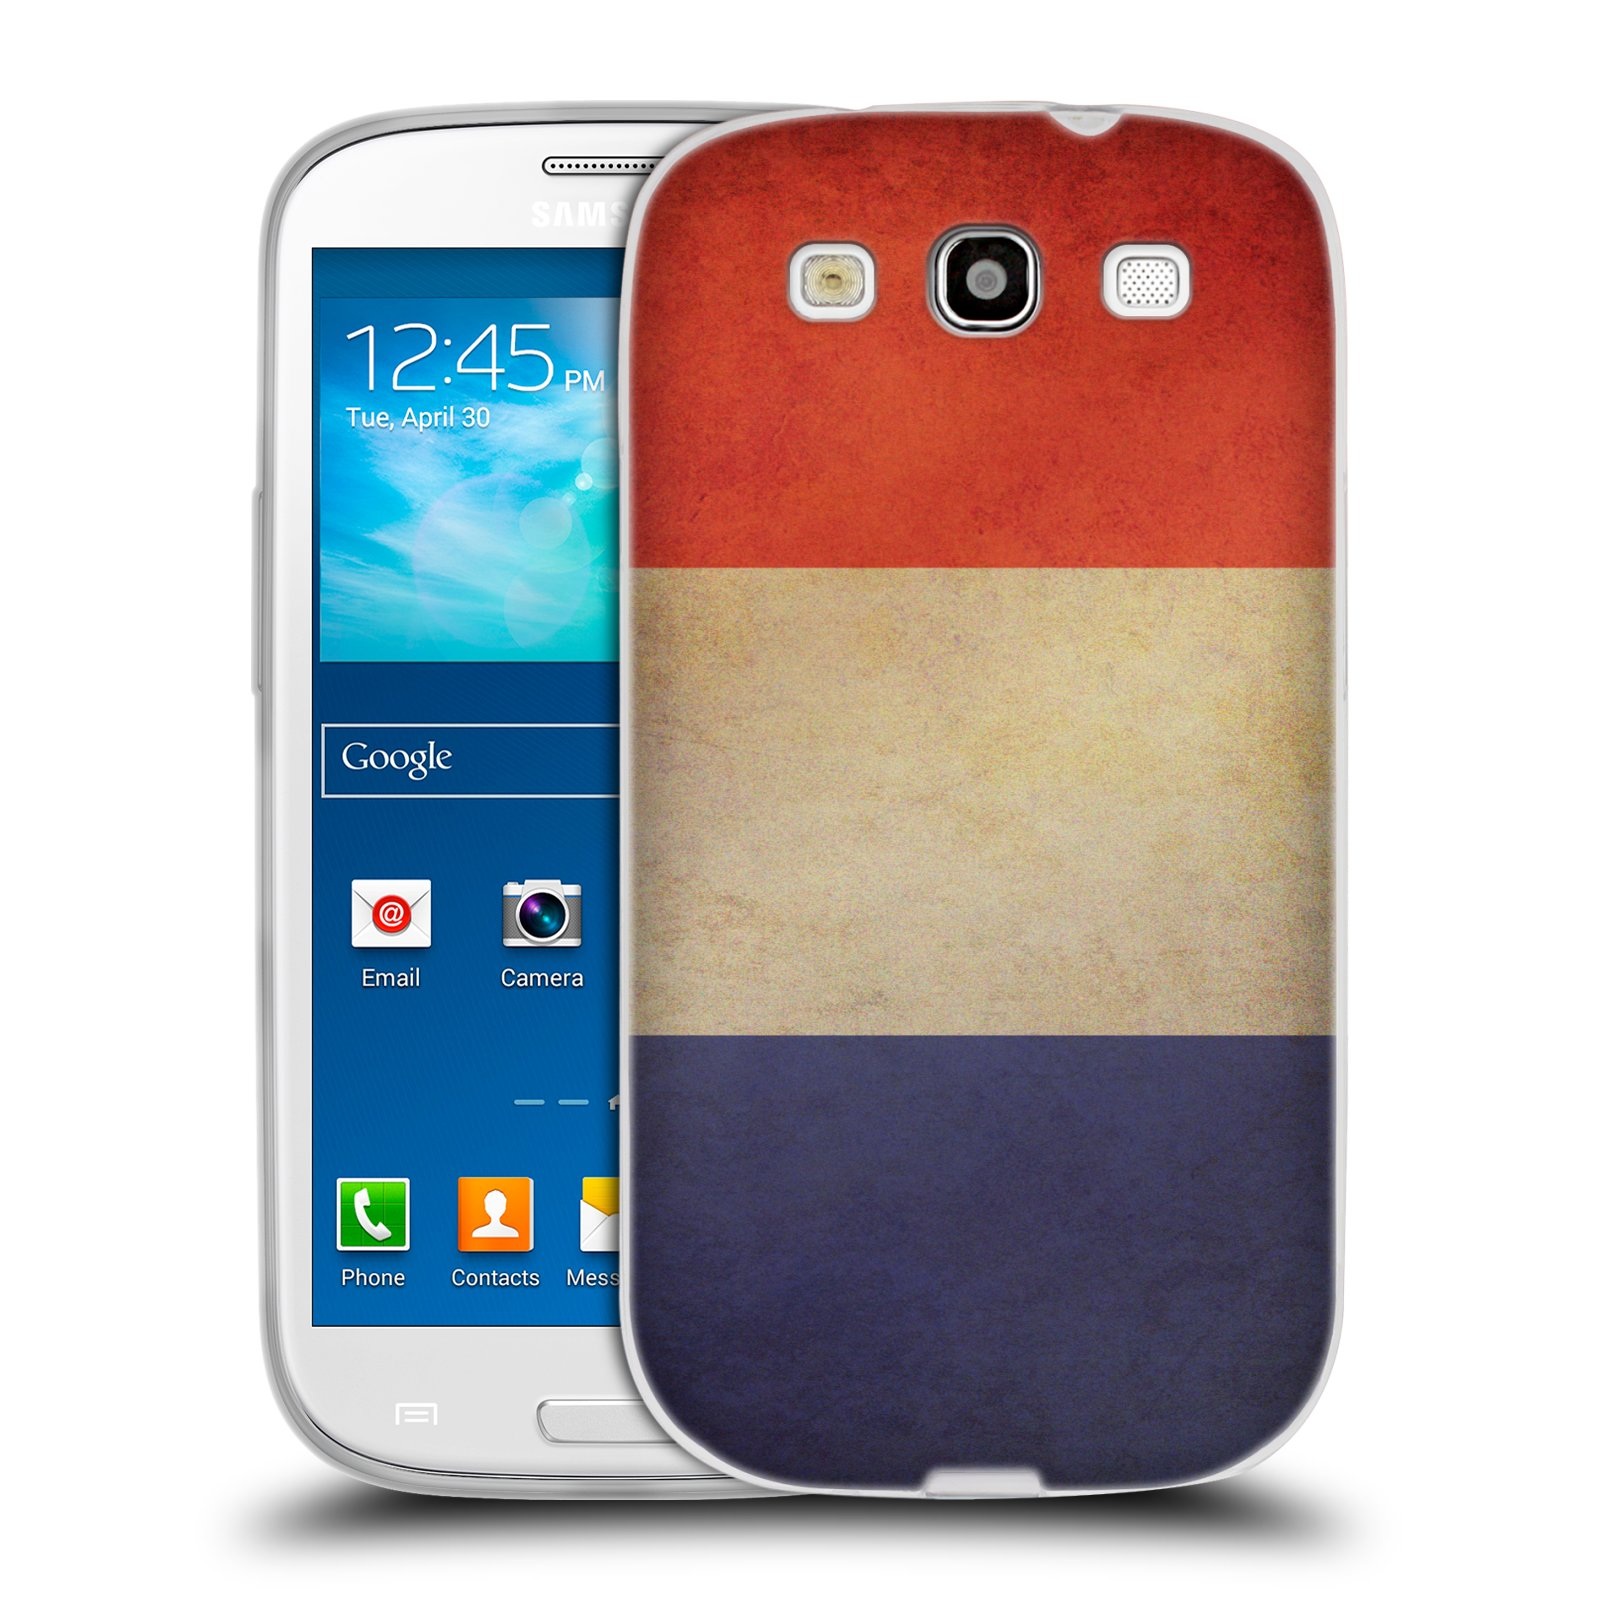 Silikonové pouzdro na mobil Samsung Galaxy S3 Neo HEAD CASE VLAJKA FRANCIE (Silikonový kryt či obal na mobilní telefon Samsung Galaxy S3 Neo GT-i9301i)